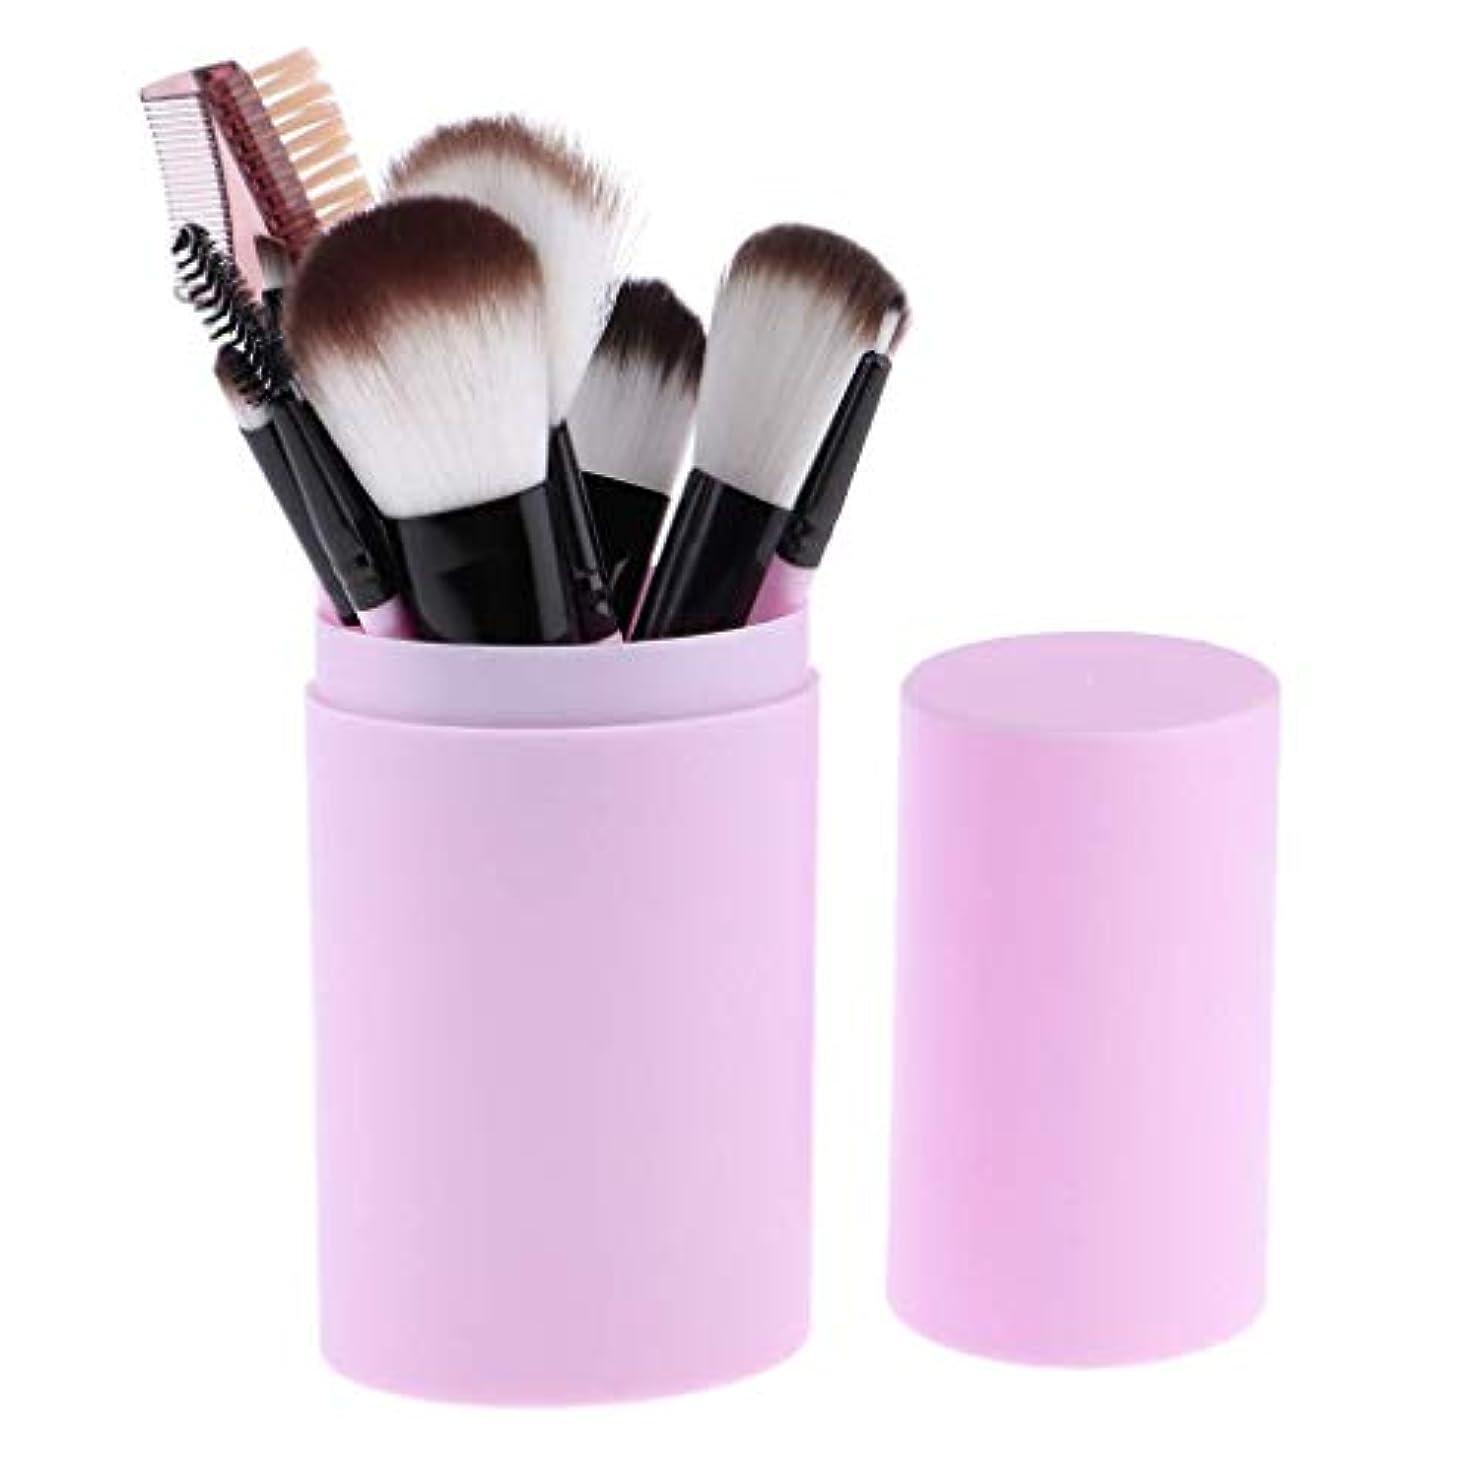 虚弱大きなスケールで見ると誰もMakeup brushes スミア、持ち運びにやさしい、12ピース高品質木製ハンドル化粧ブラシセット(収納バケツ化粧ブラシセット) suits (Color : Purple)